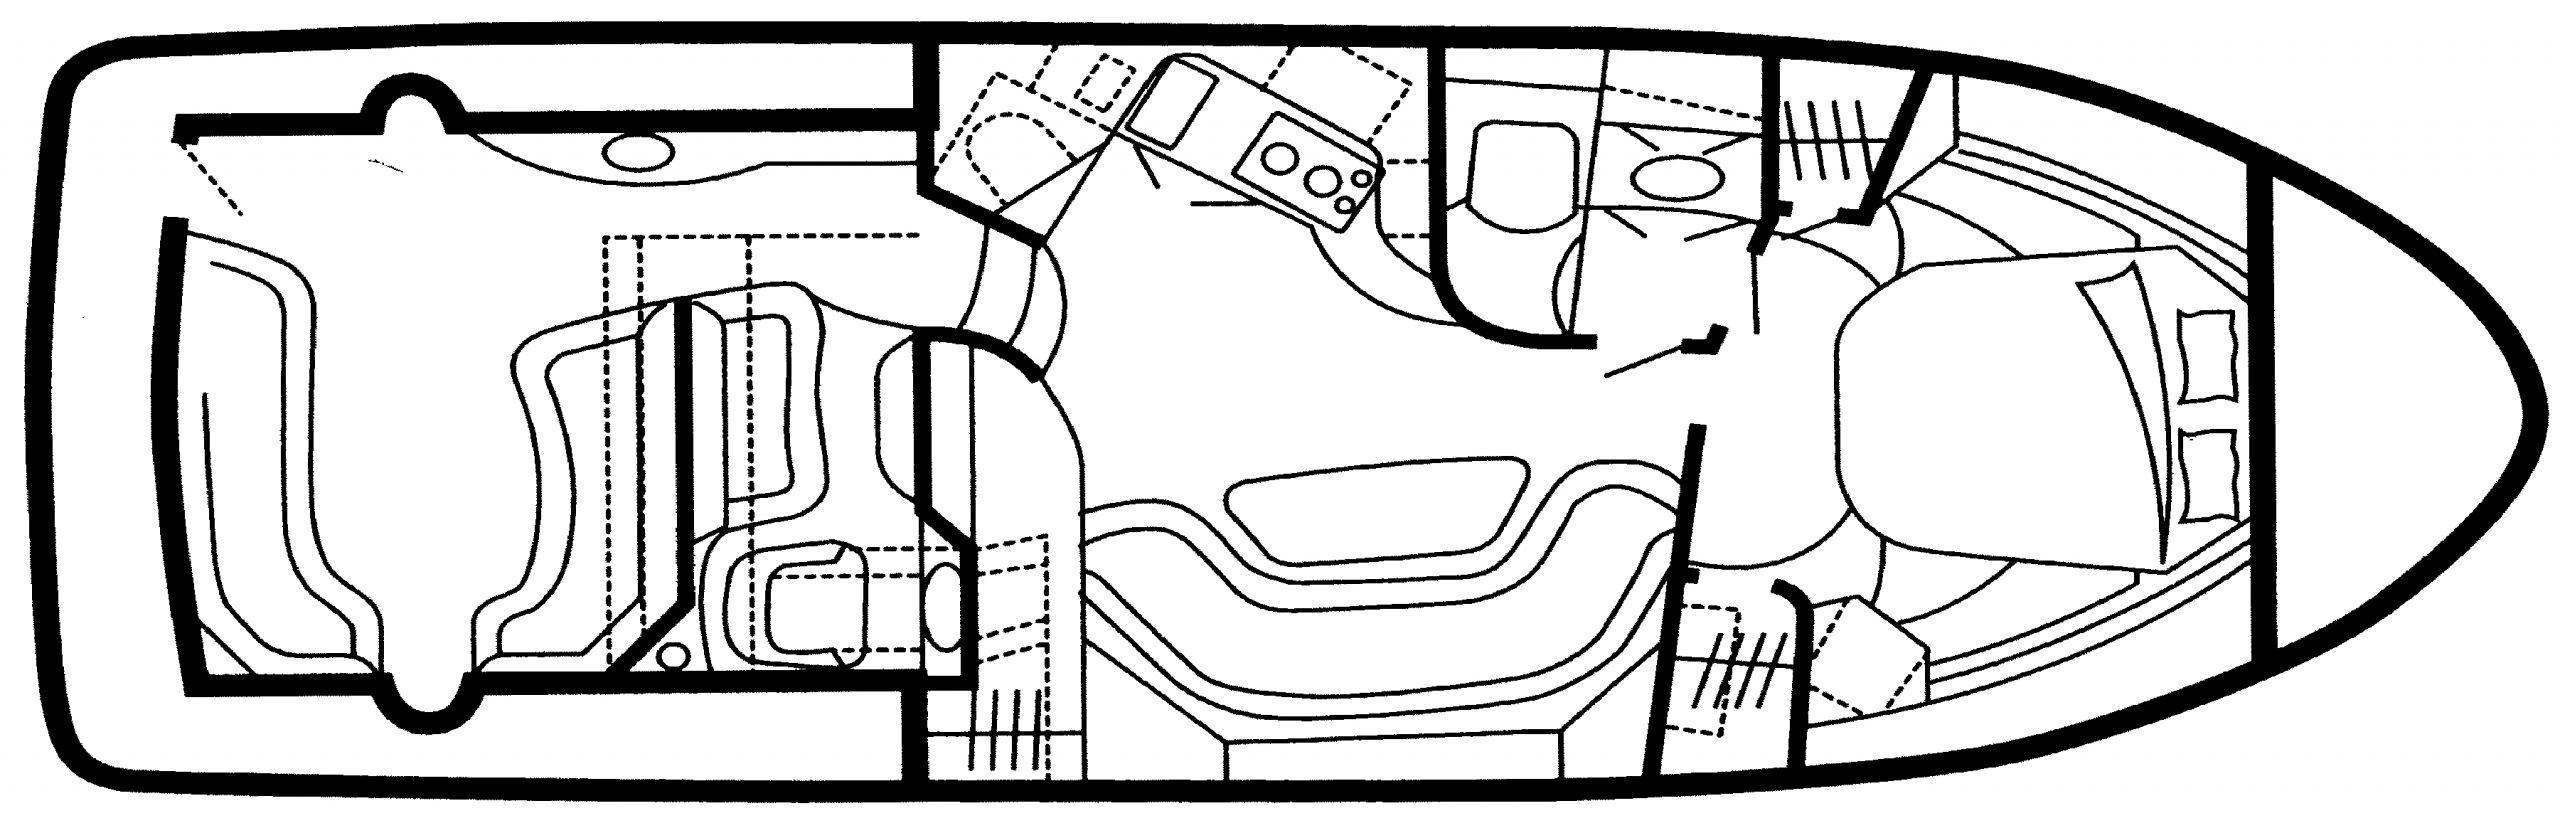 380 Sundancer Floor Plan 1